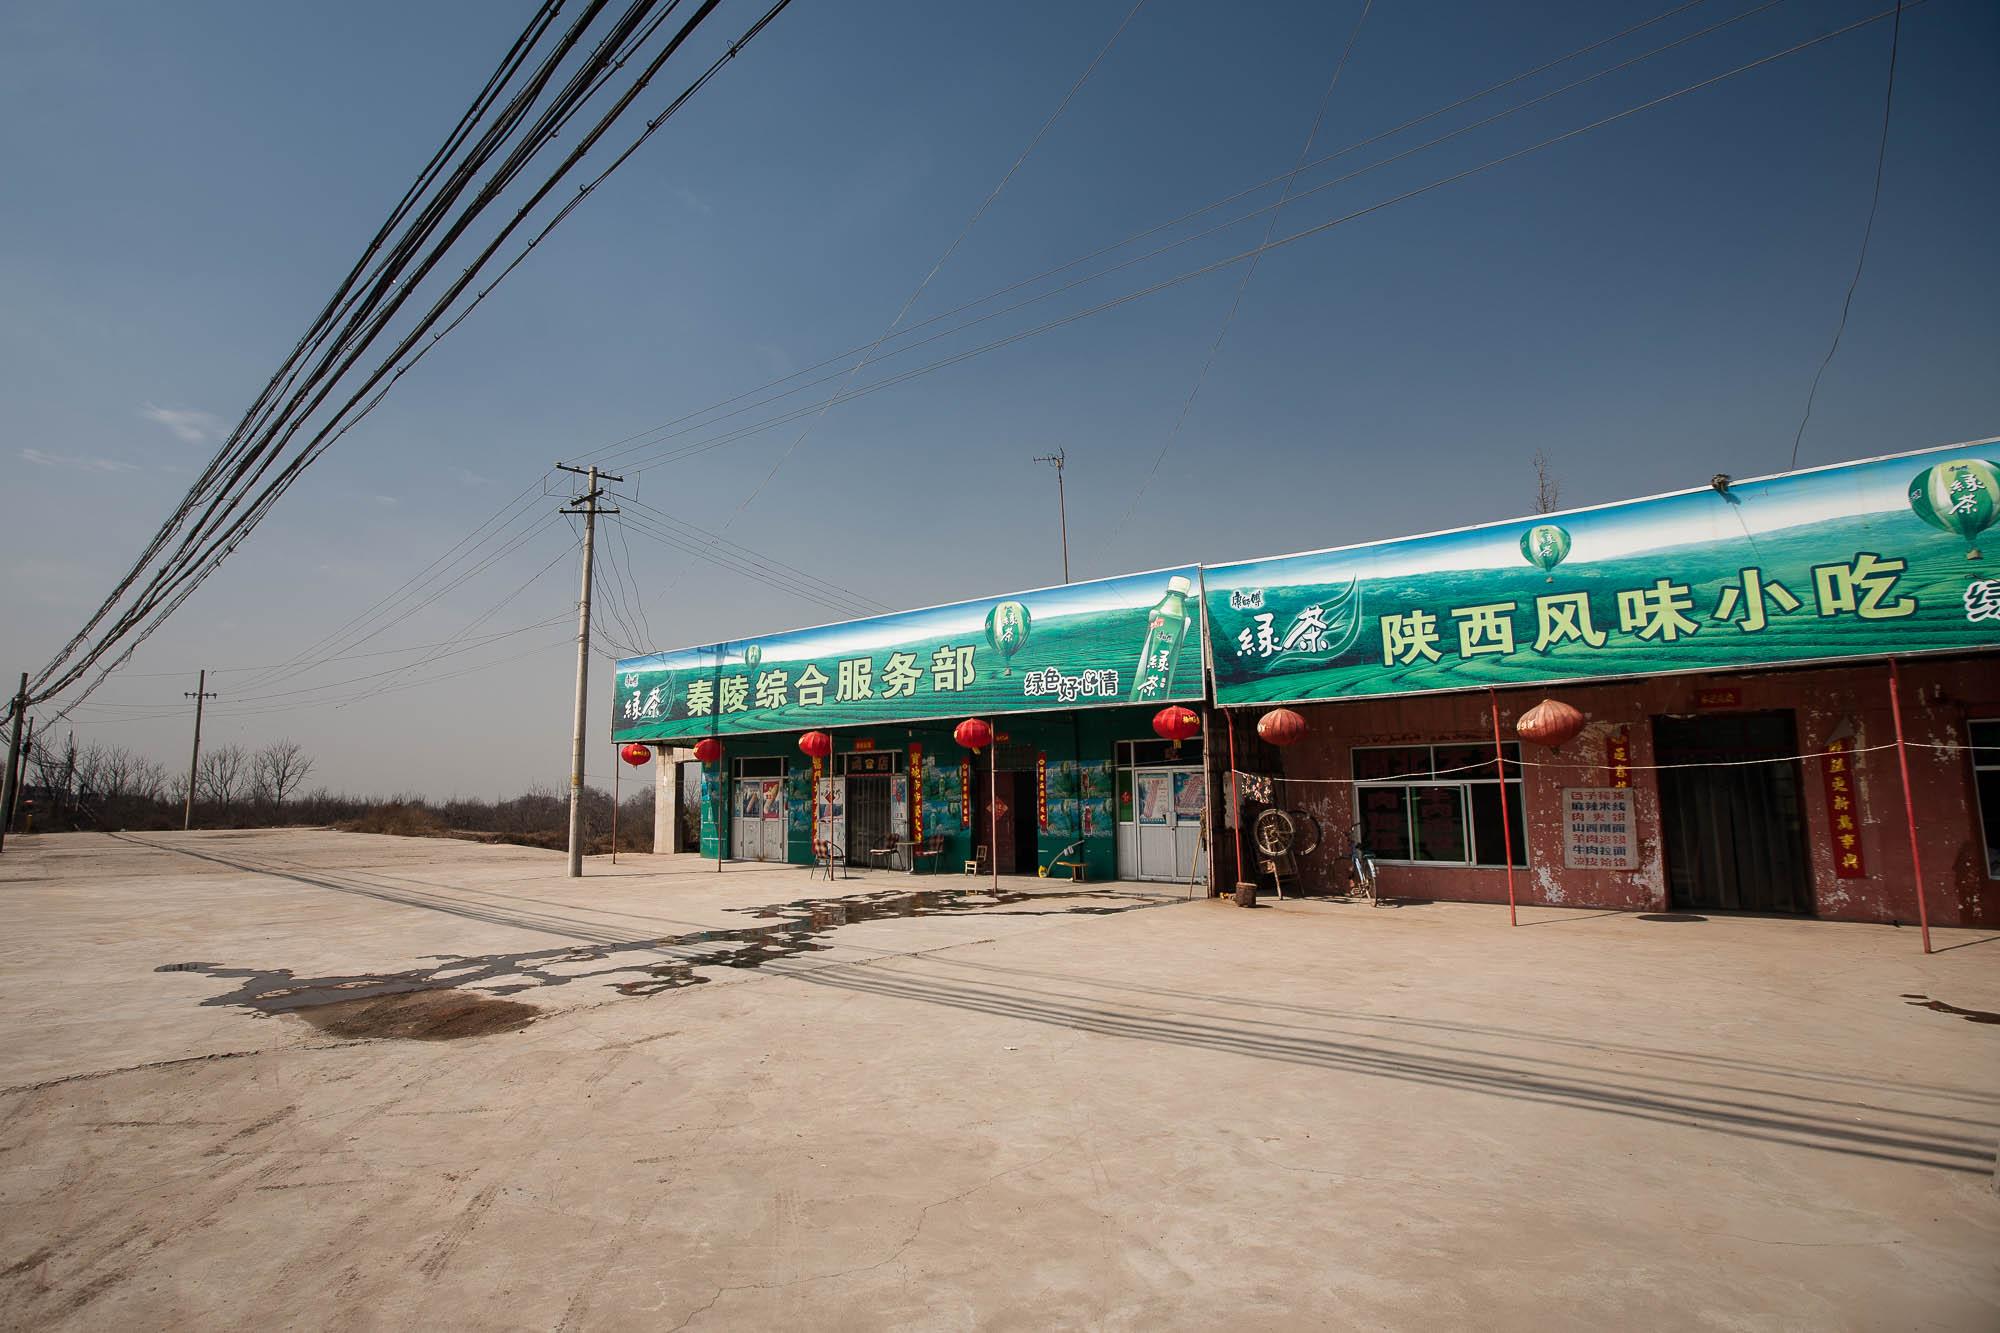 shop fronts